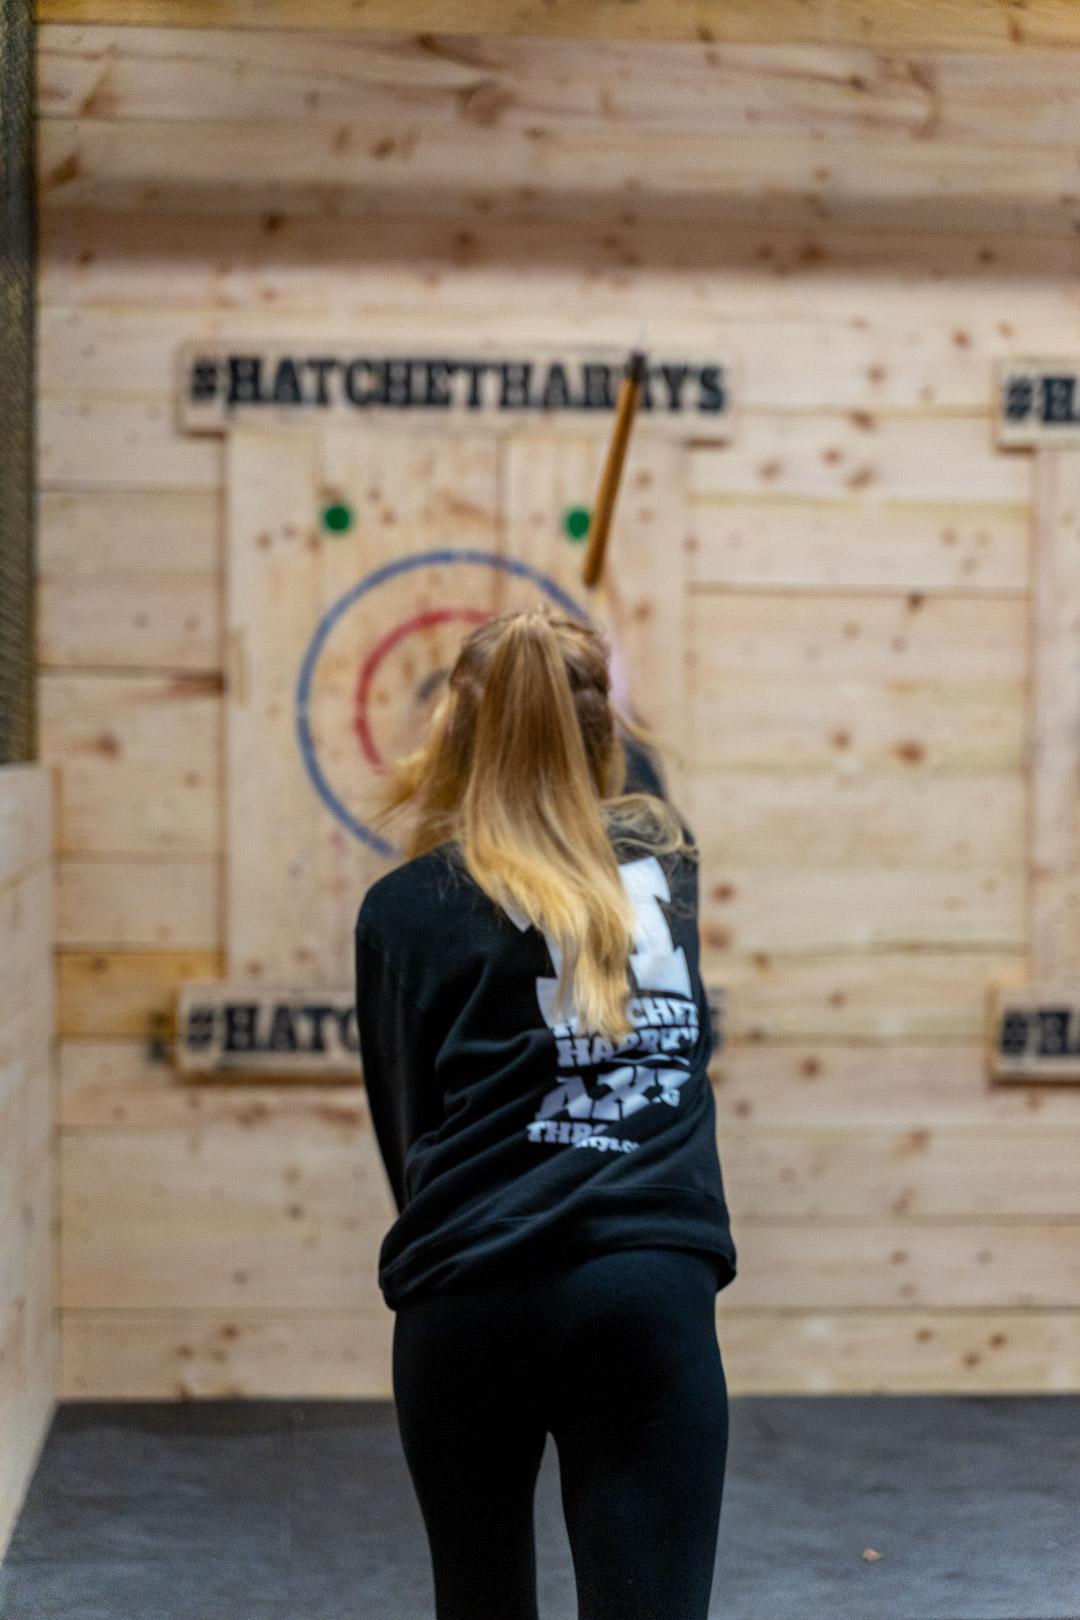 Hatchet Harrys staff